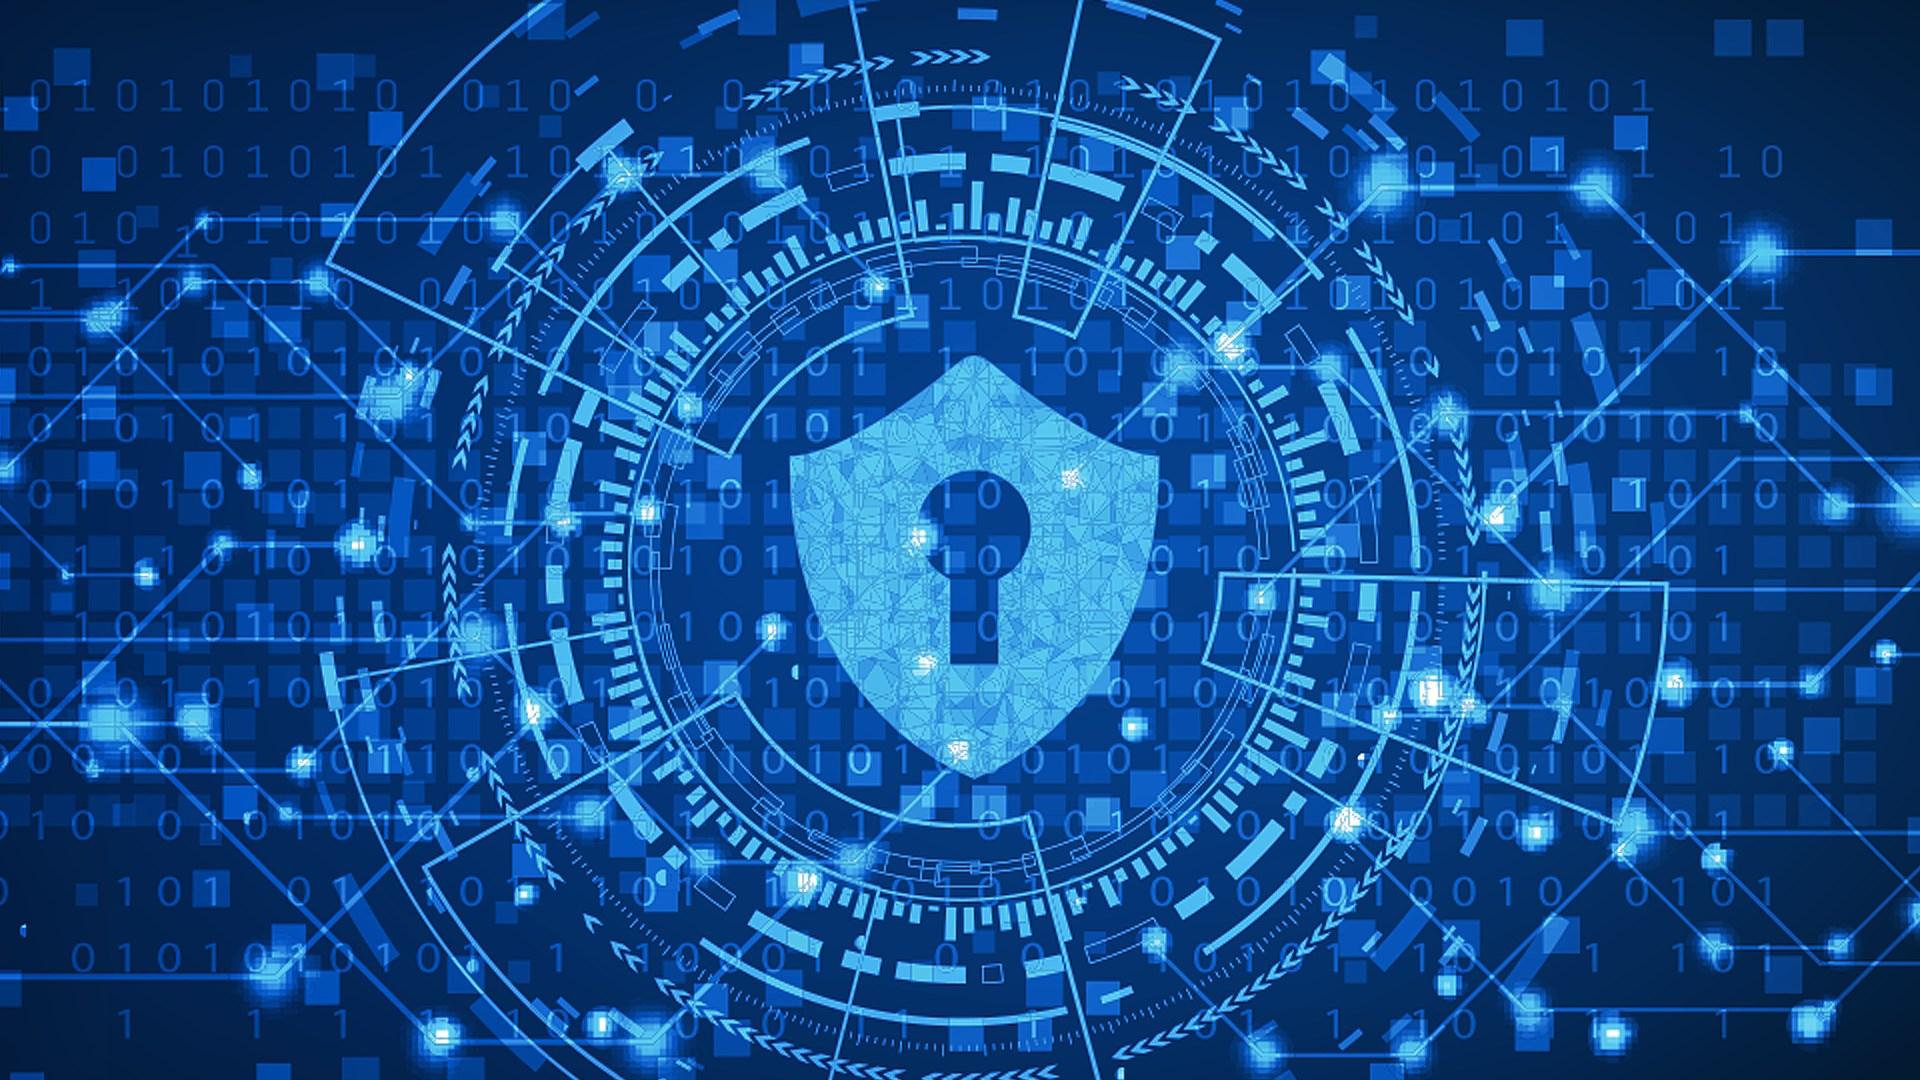 Sicherheit, Sicherheitslücke, Datenschutz, Security, Angriff, Privatsphäre, Kriminalität, Verschlüsselung, Exploit, Cybercrime, Cybersecurity, Hackerangriff, Internetkriminalität, Kryptographie, Hacken, Hacker Angriff, Schlüssel, DSGVO, Ende-zu-Ende-Verschlüsselung, schloss, Security Report, Absicherung, Datenverarbeitung, Verschlüsselungssoftware, Schloss-Symbol